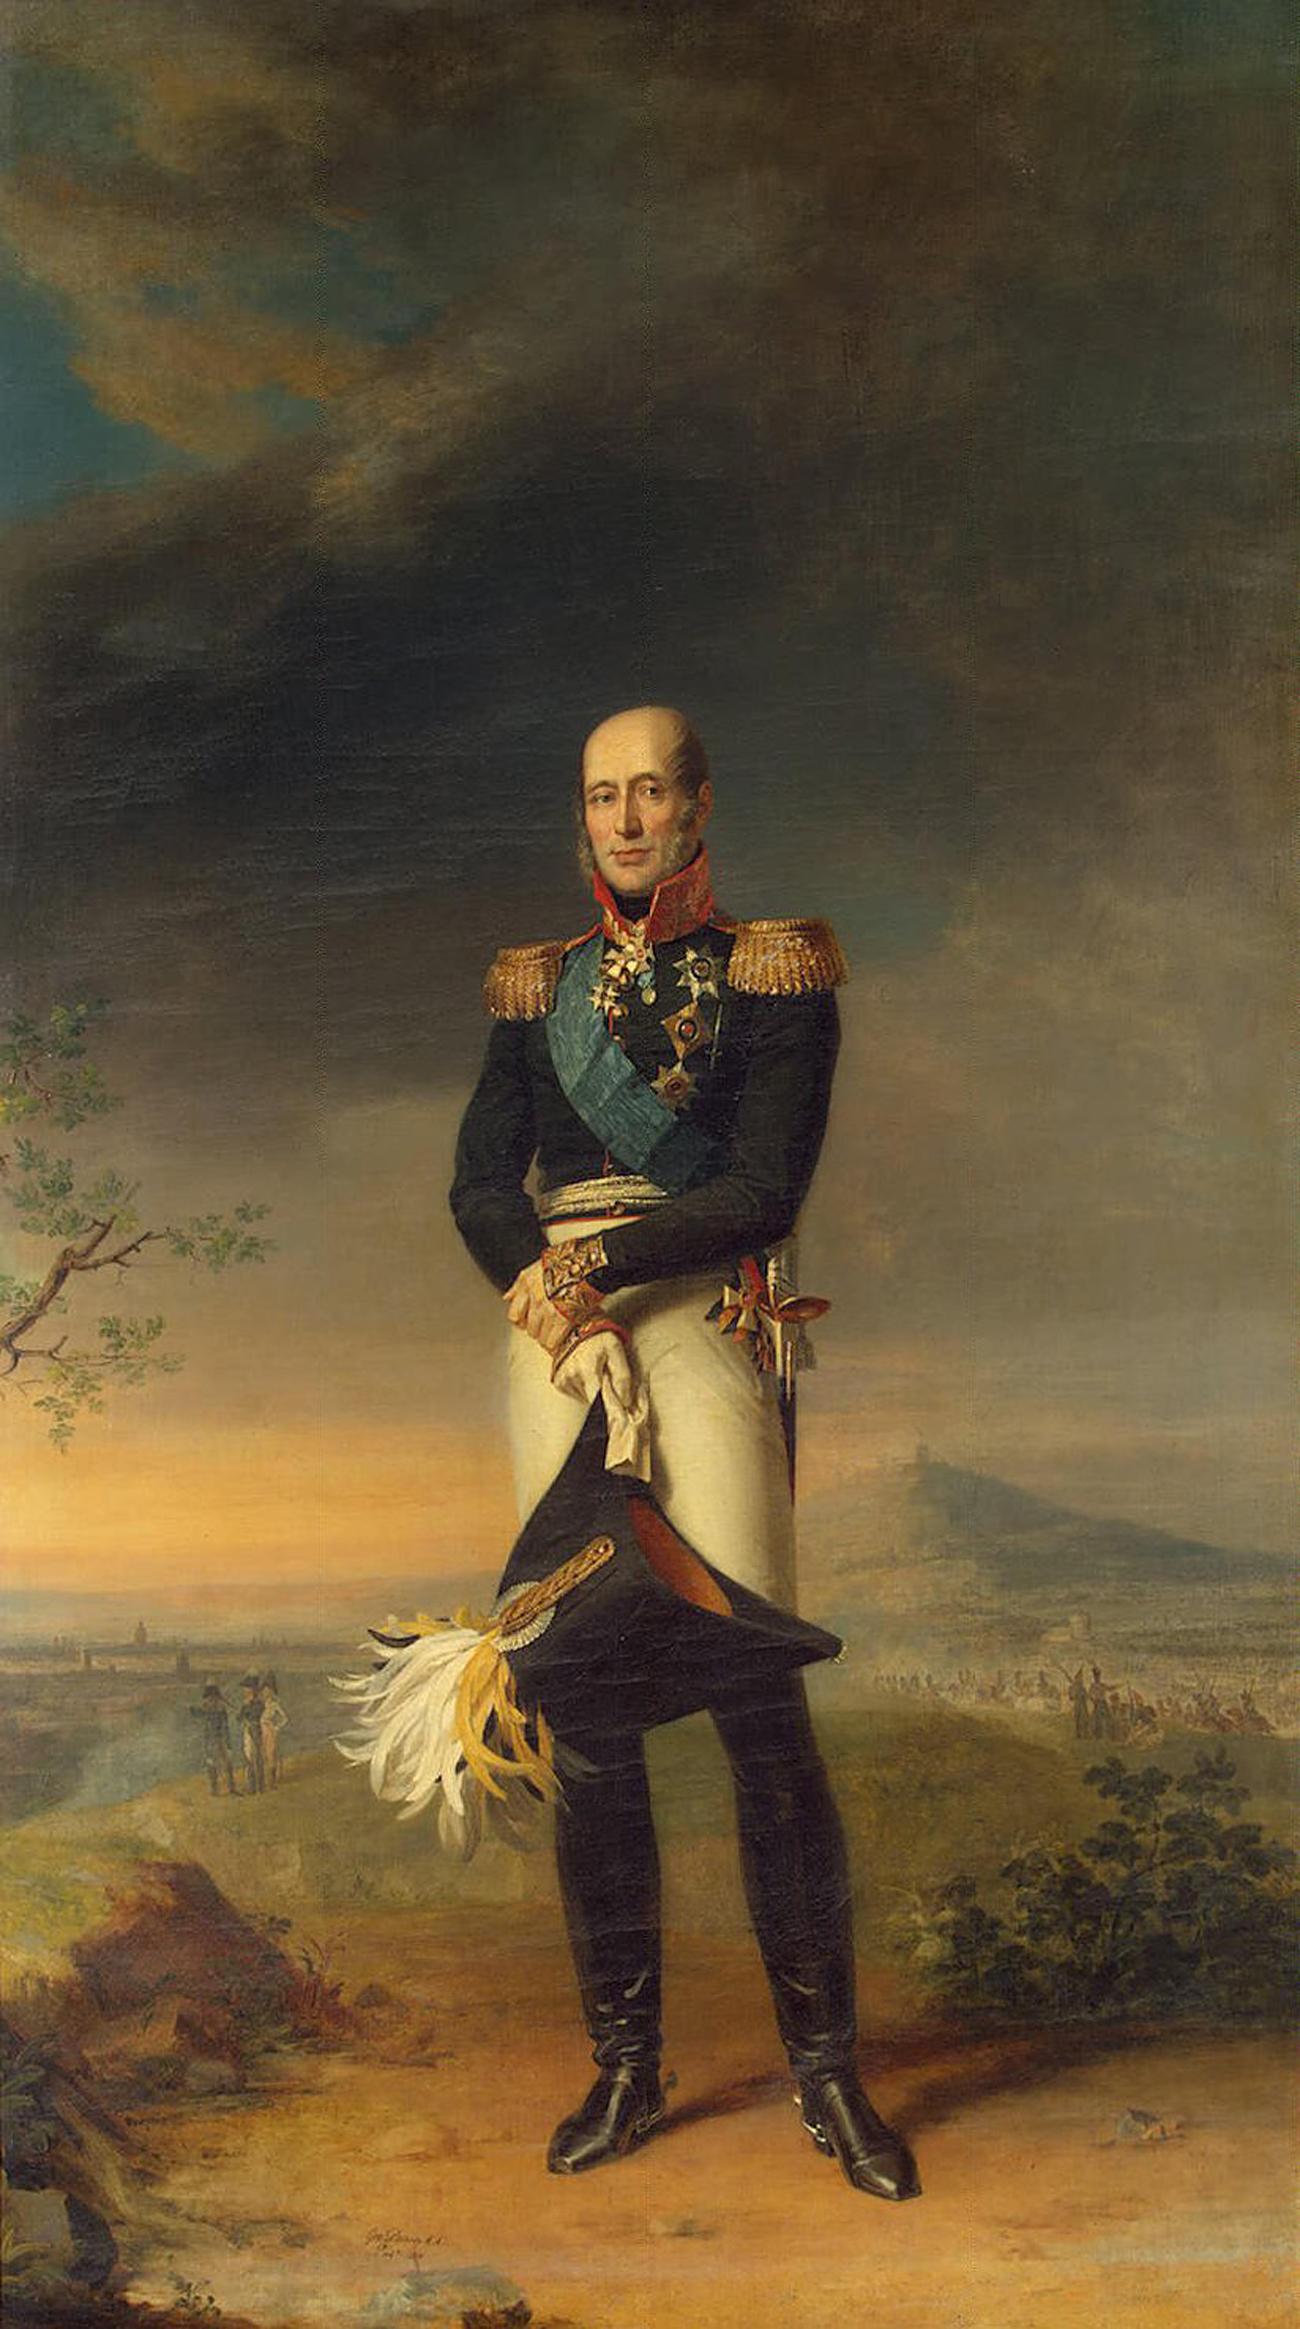 Portrait du comte Michel Barclay de Tolly par George Dawe, musée de l'Ermitage, Saint-Pétersbourg.